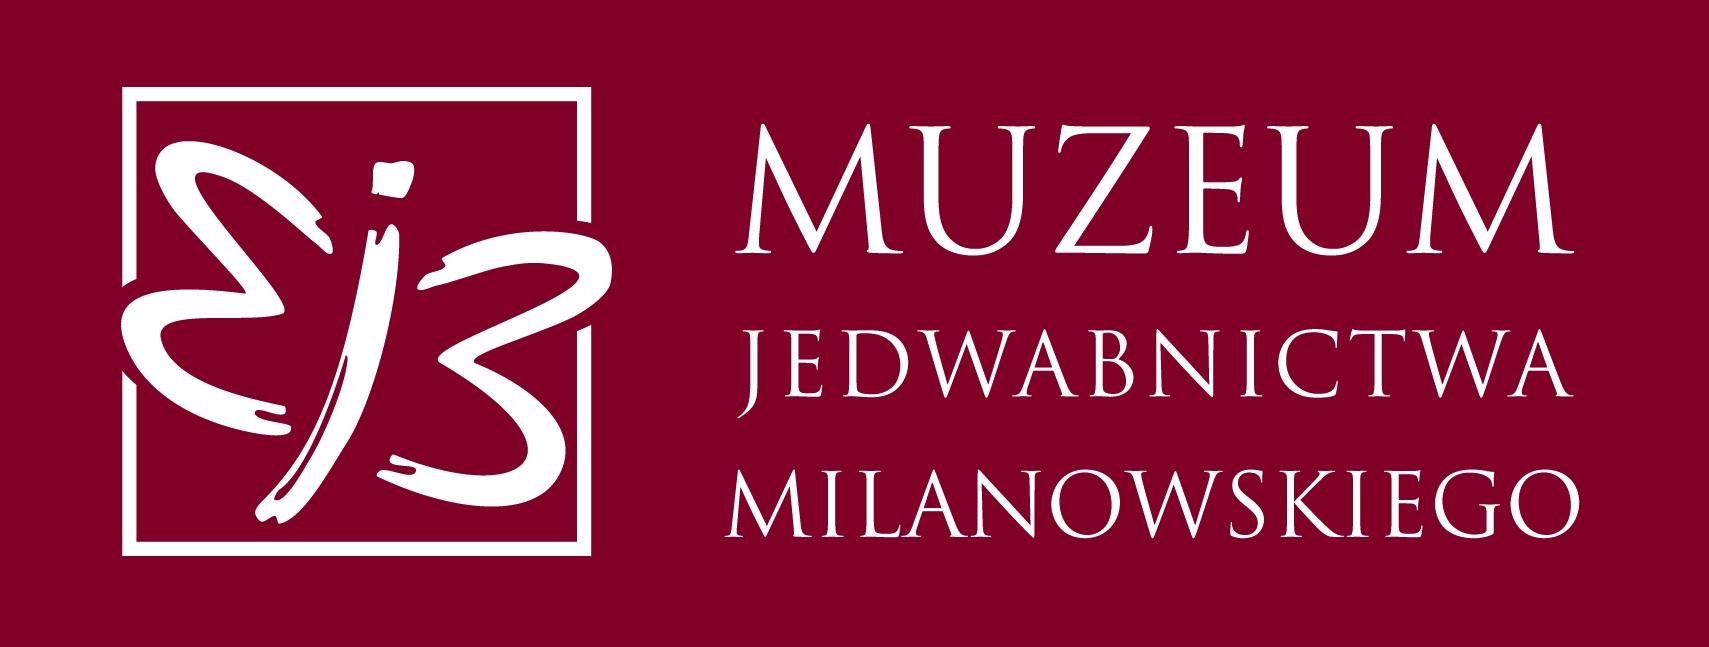 Muzeum Jedwabnictwa Milanowskiego